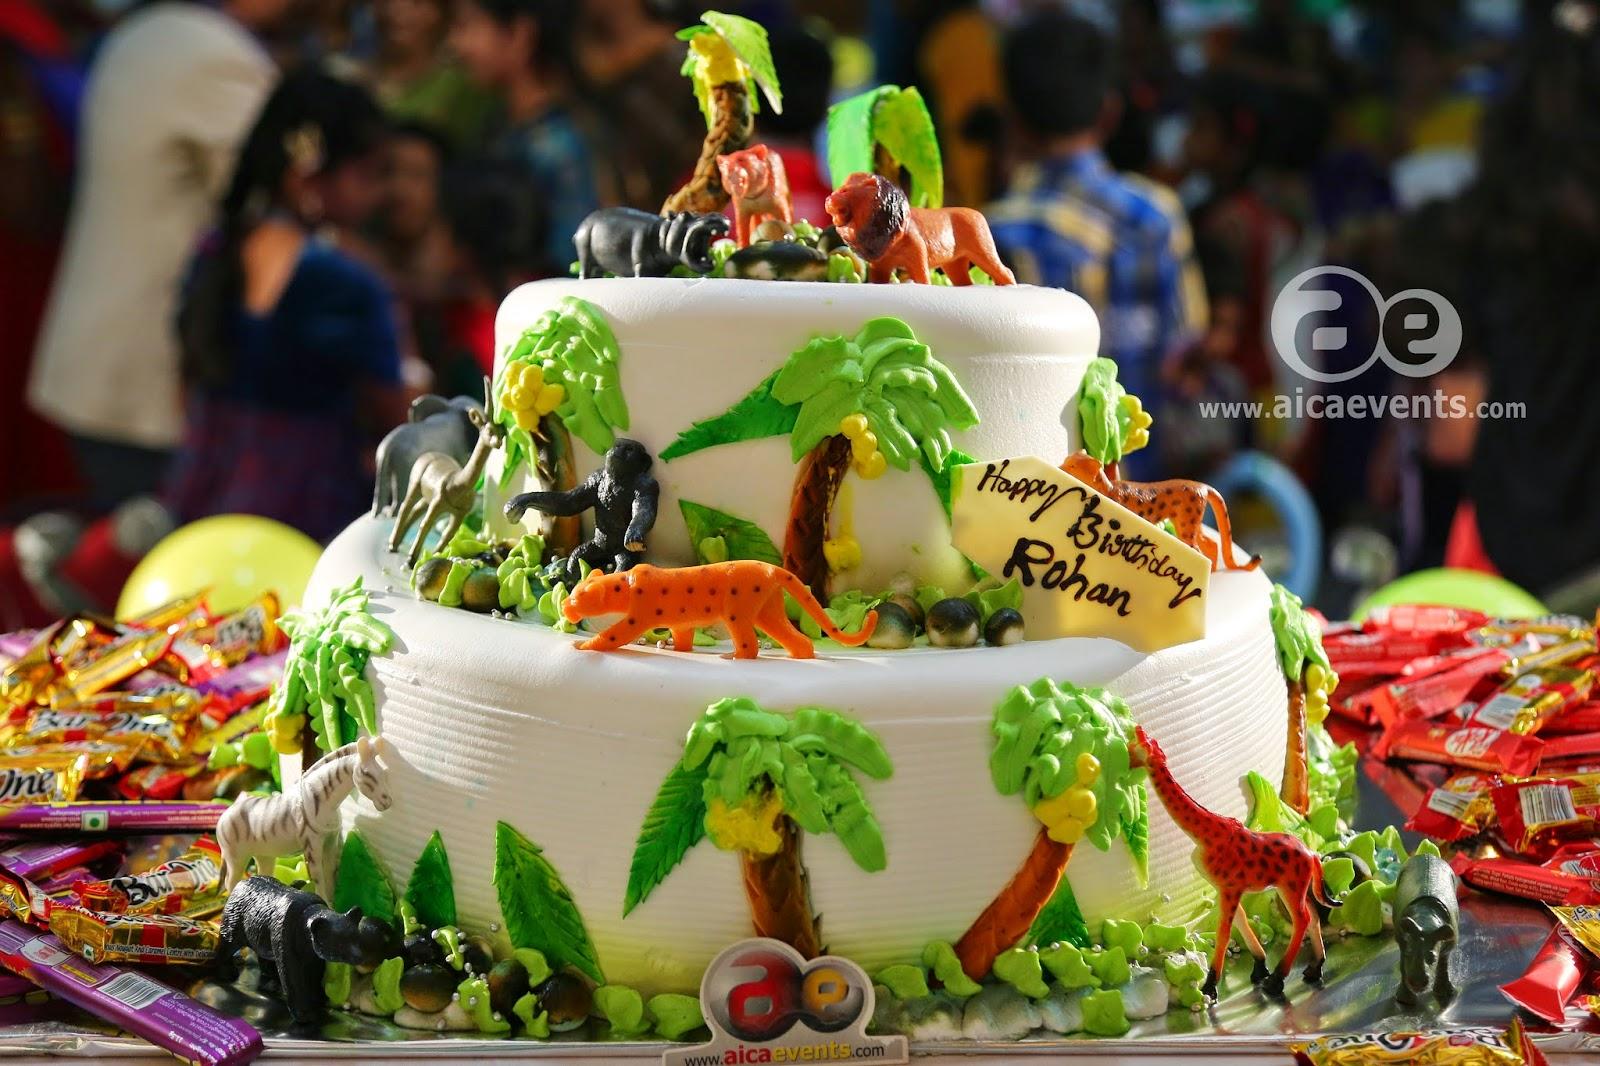 Jungle Theme Party Decorations smartprosus